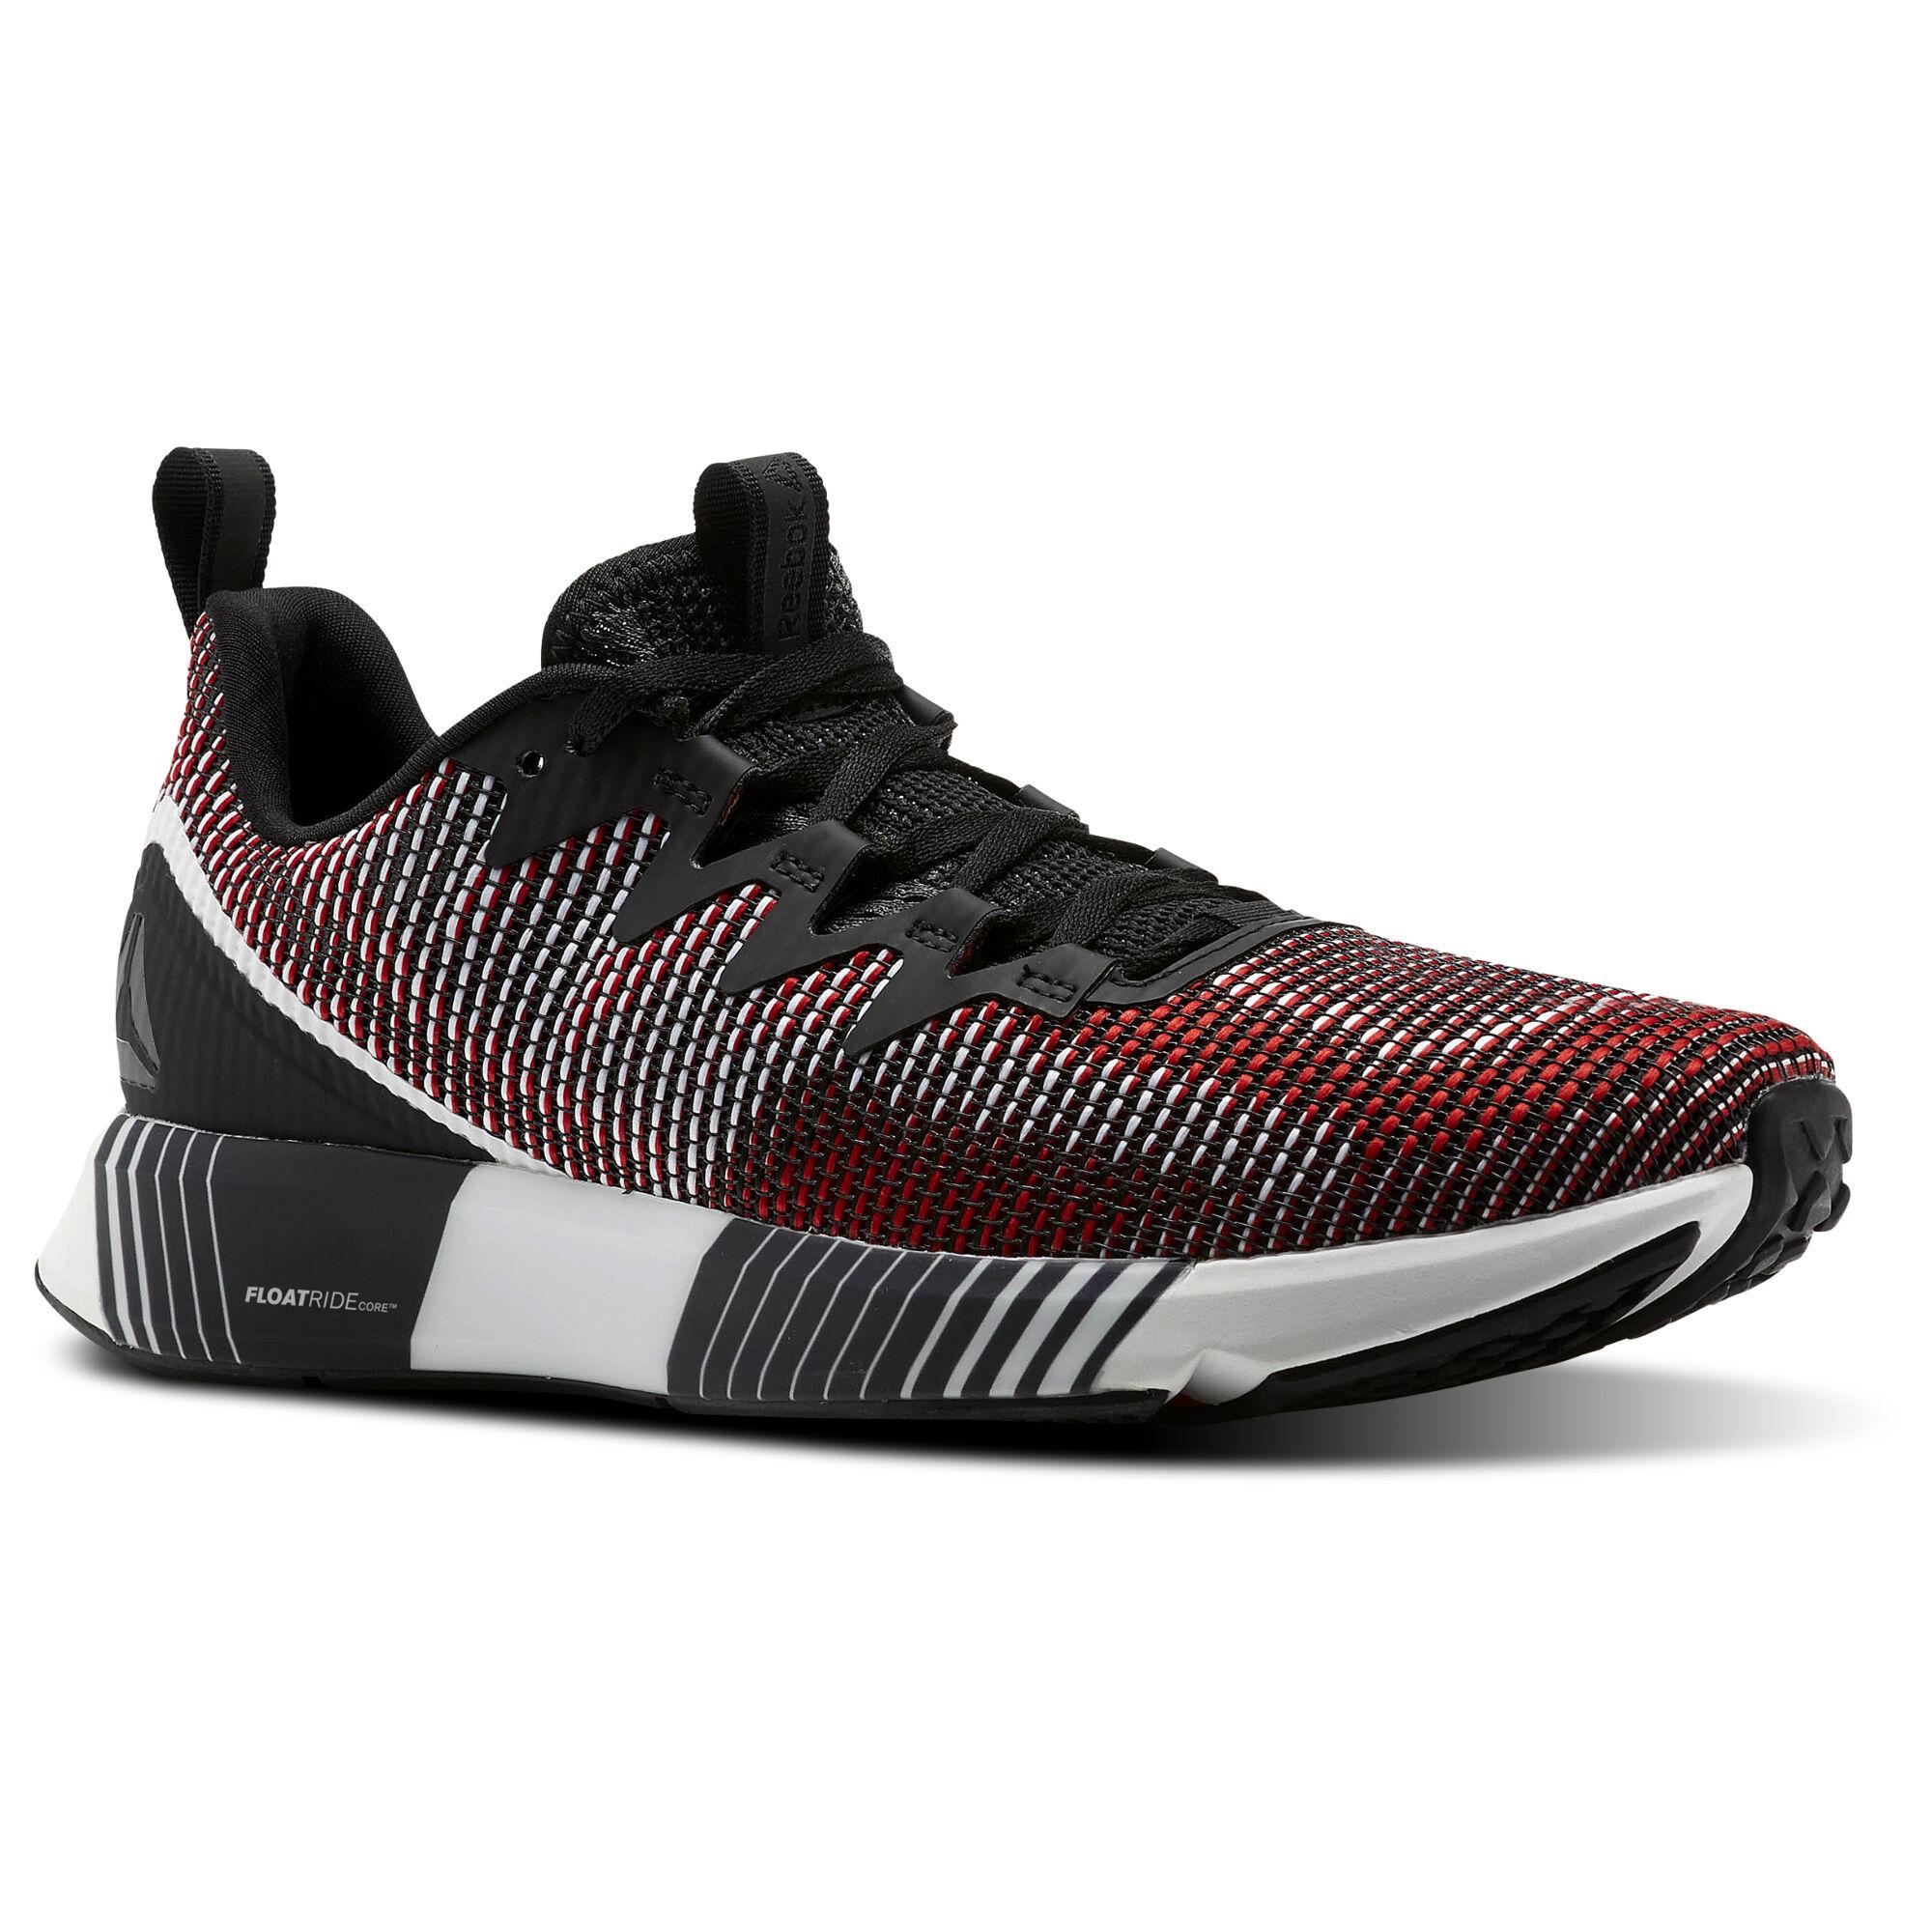 b9ceef0fe62f1 Shoes Reebok Estabilidad GR Hombres Run Light Sport vqwXB1U